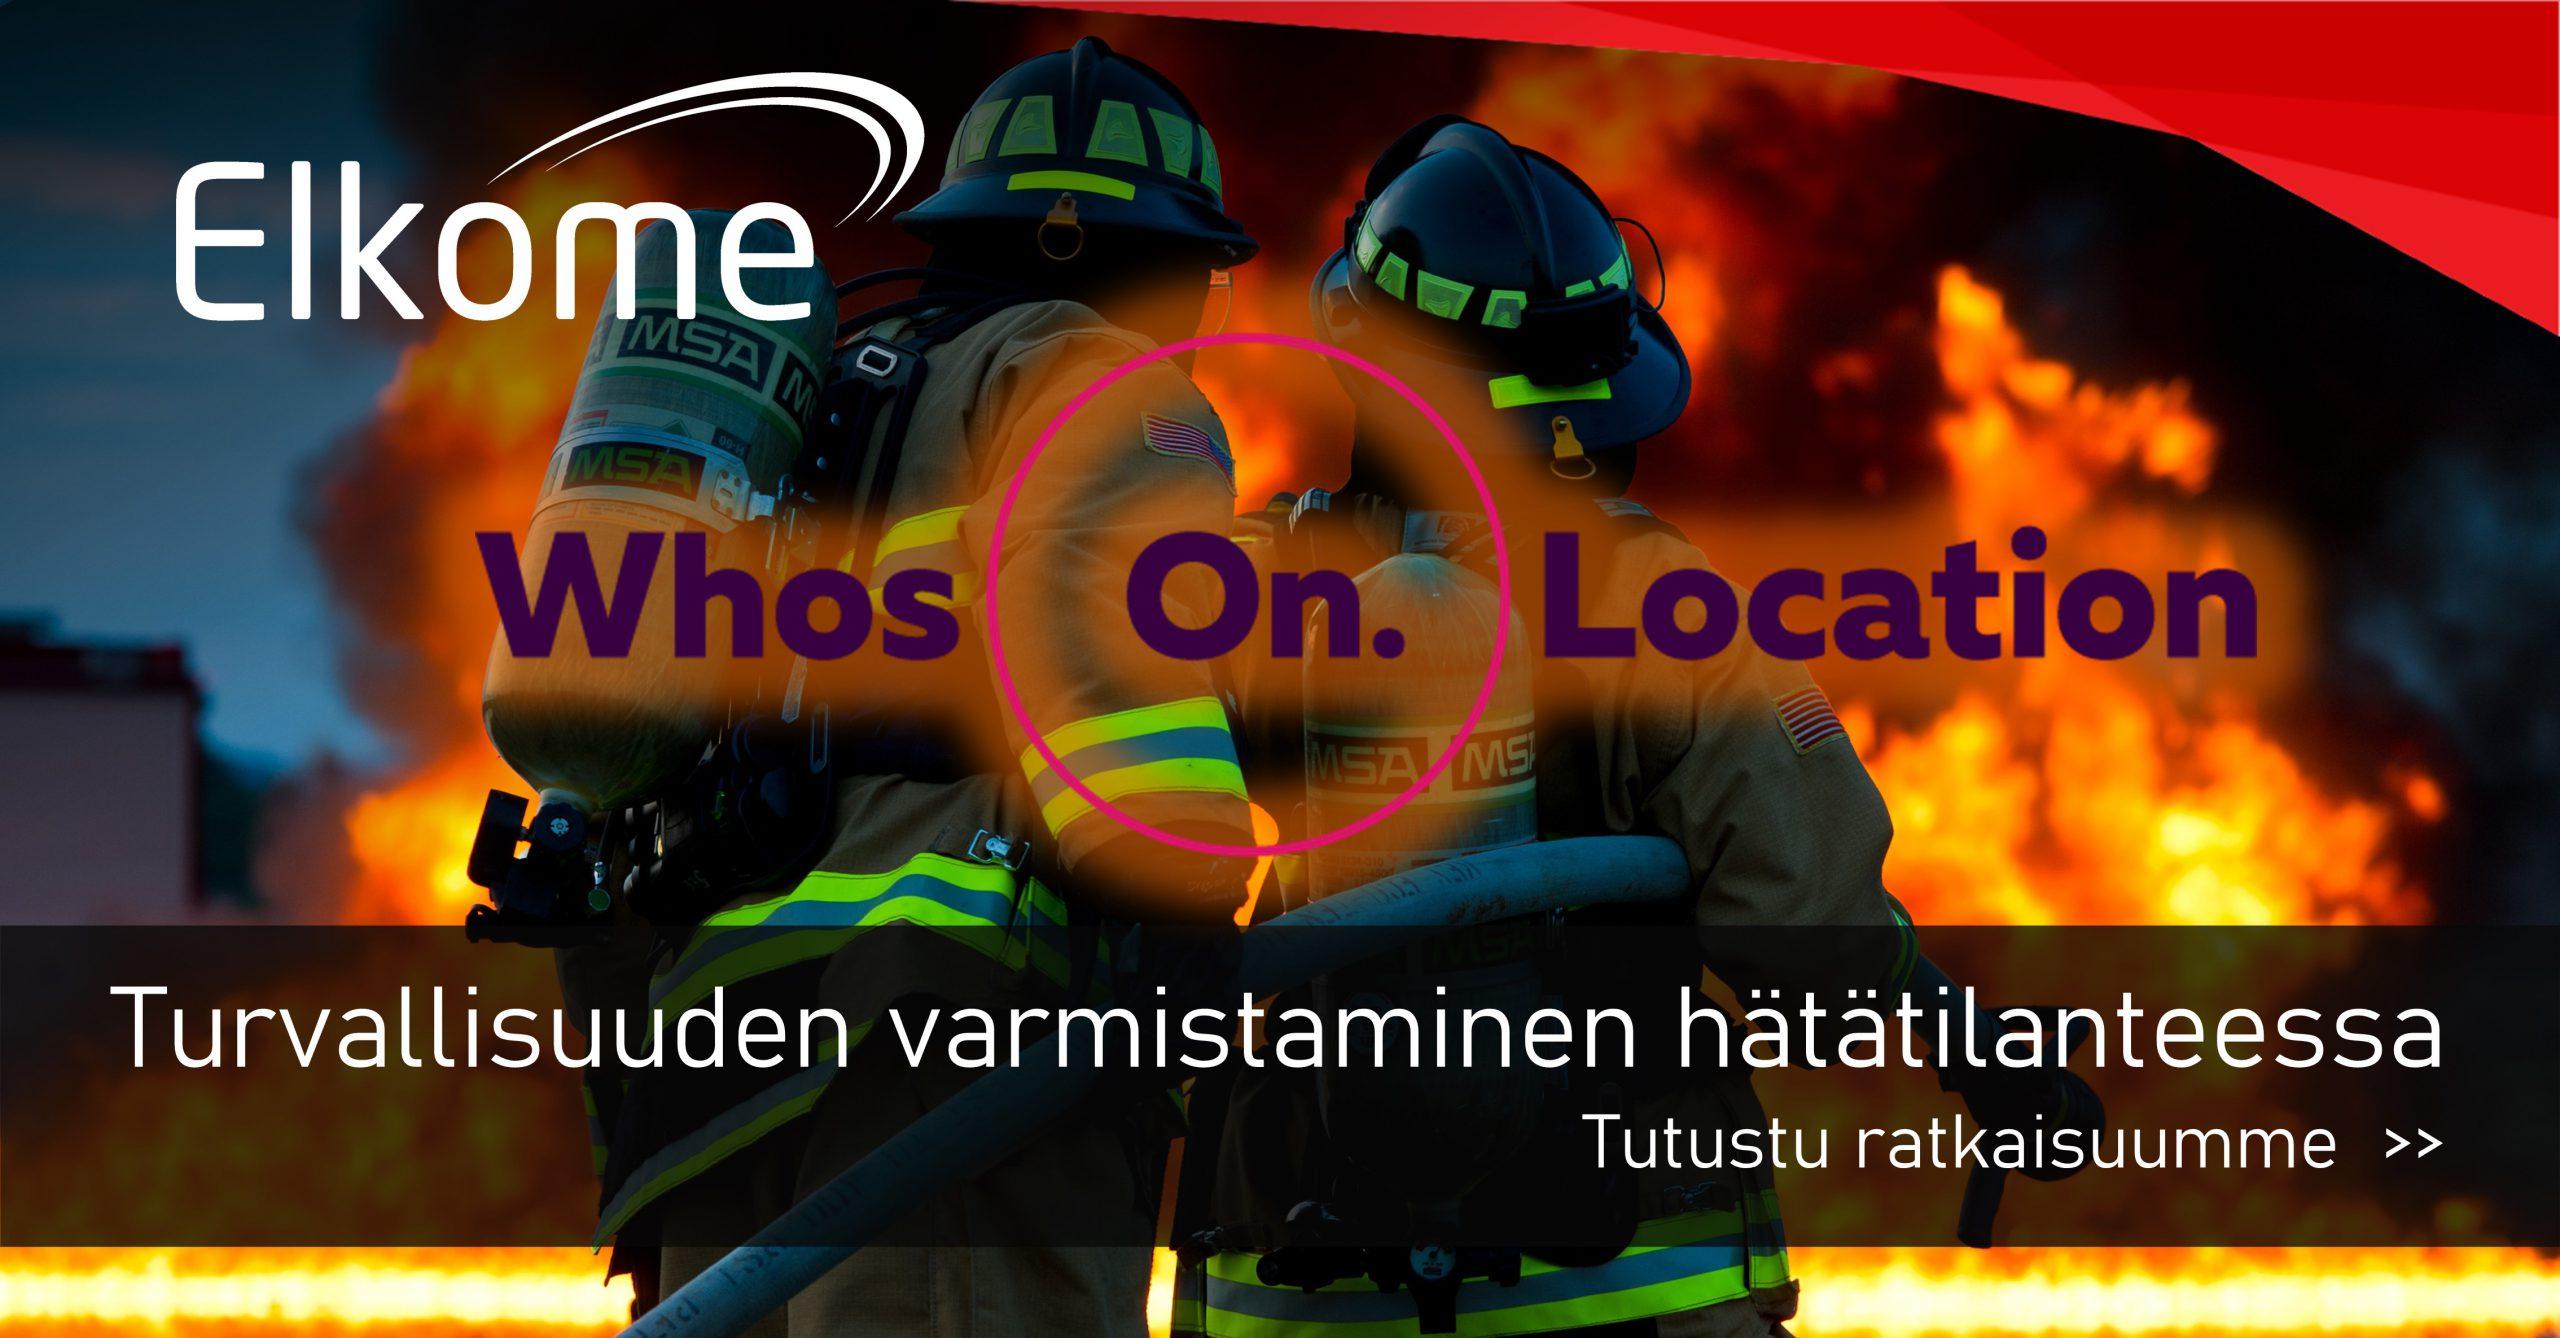 WhosOnLocation - Turvallisuuden varmistaminen hätätilanteessa